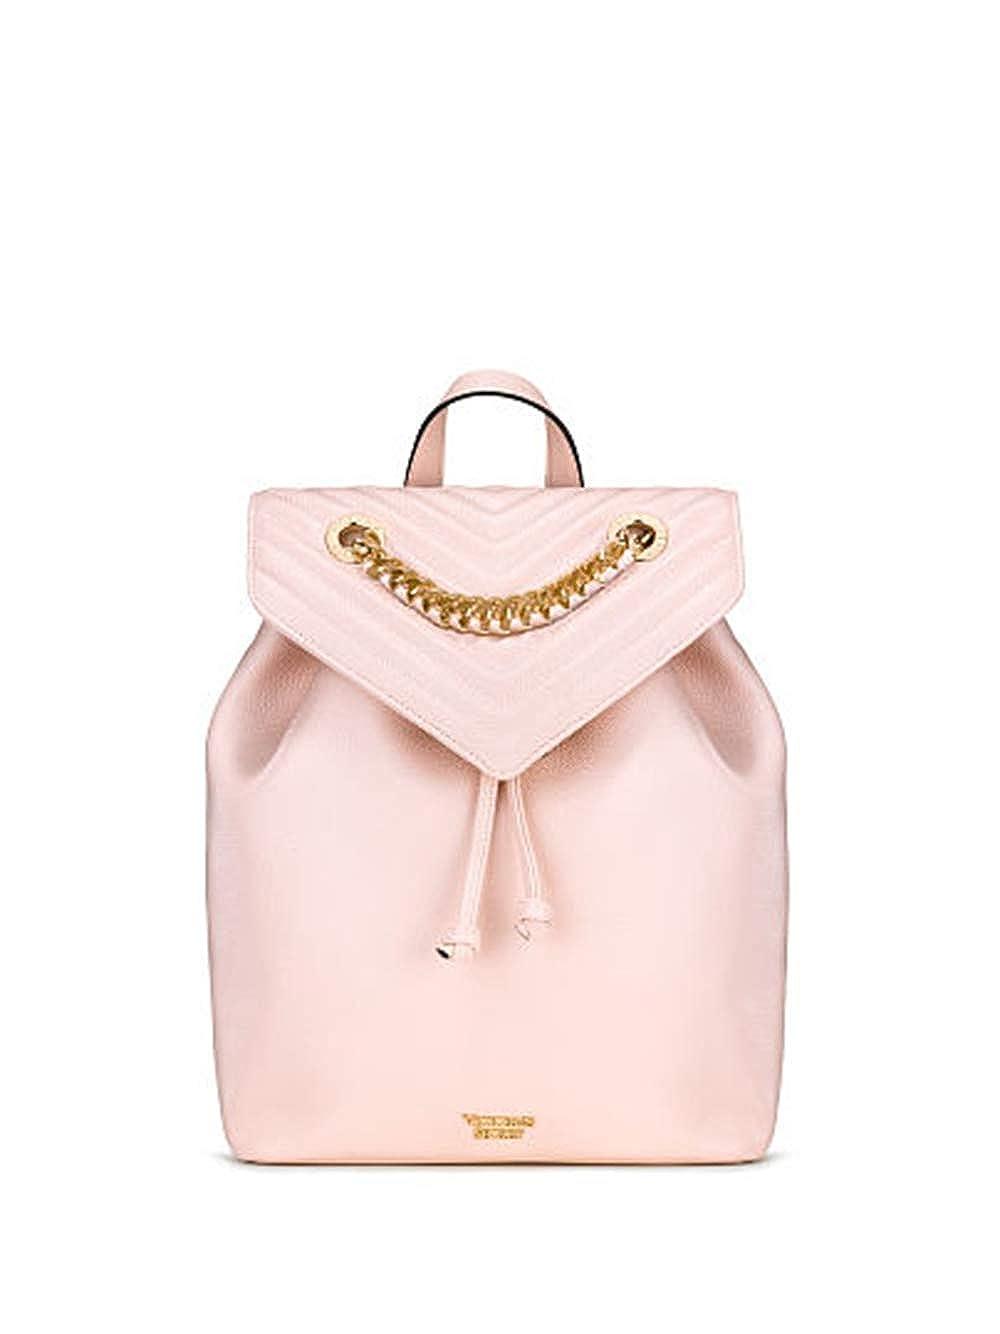 (ヴィクトリアシークレット )Victoria's Secret Pebbled V-Quilt Angel レディーズ ファッション バックパック Ladies Fashion Backpack in Light Pink [並行輸入品]   B07GN7FH6D